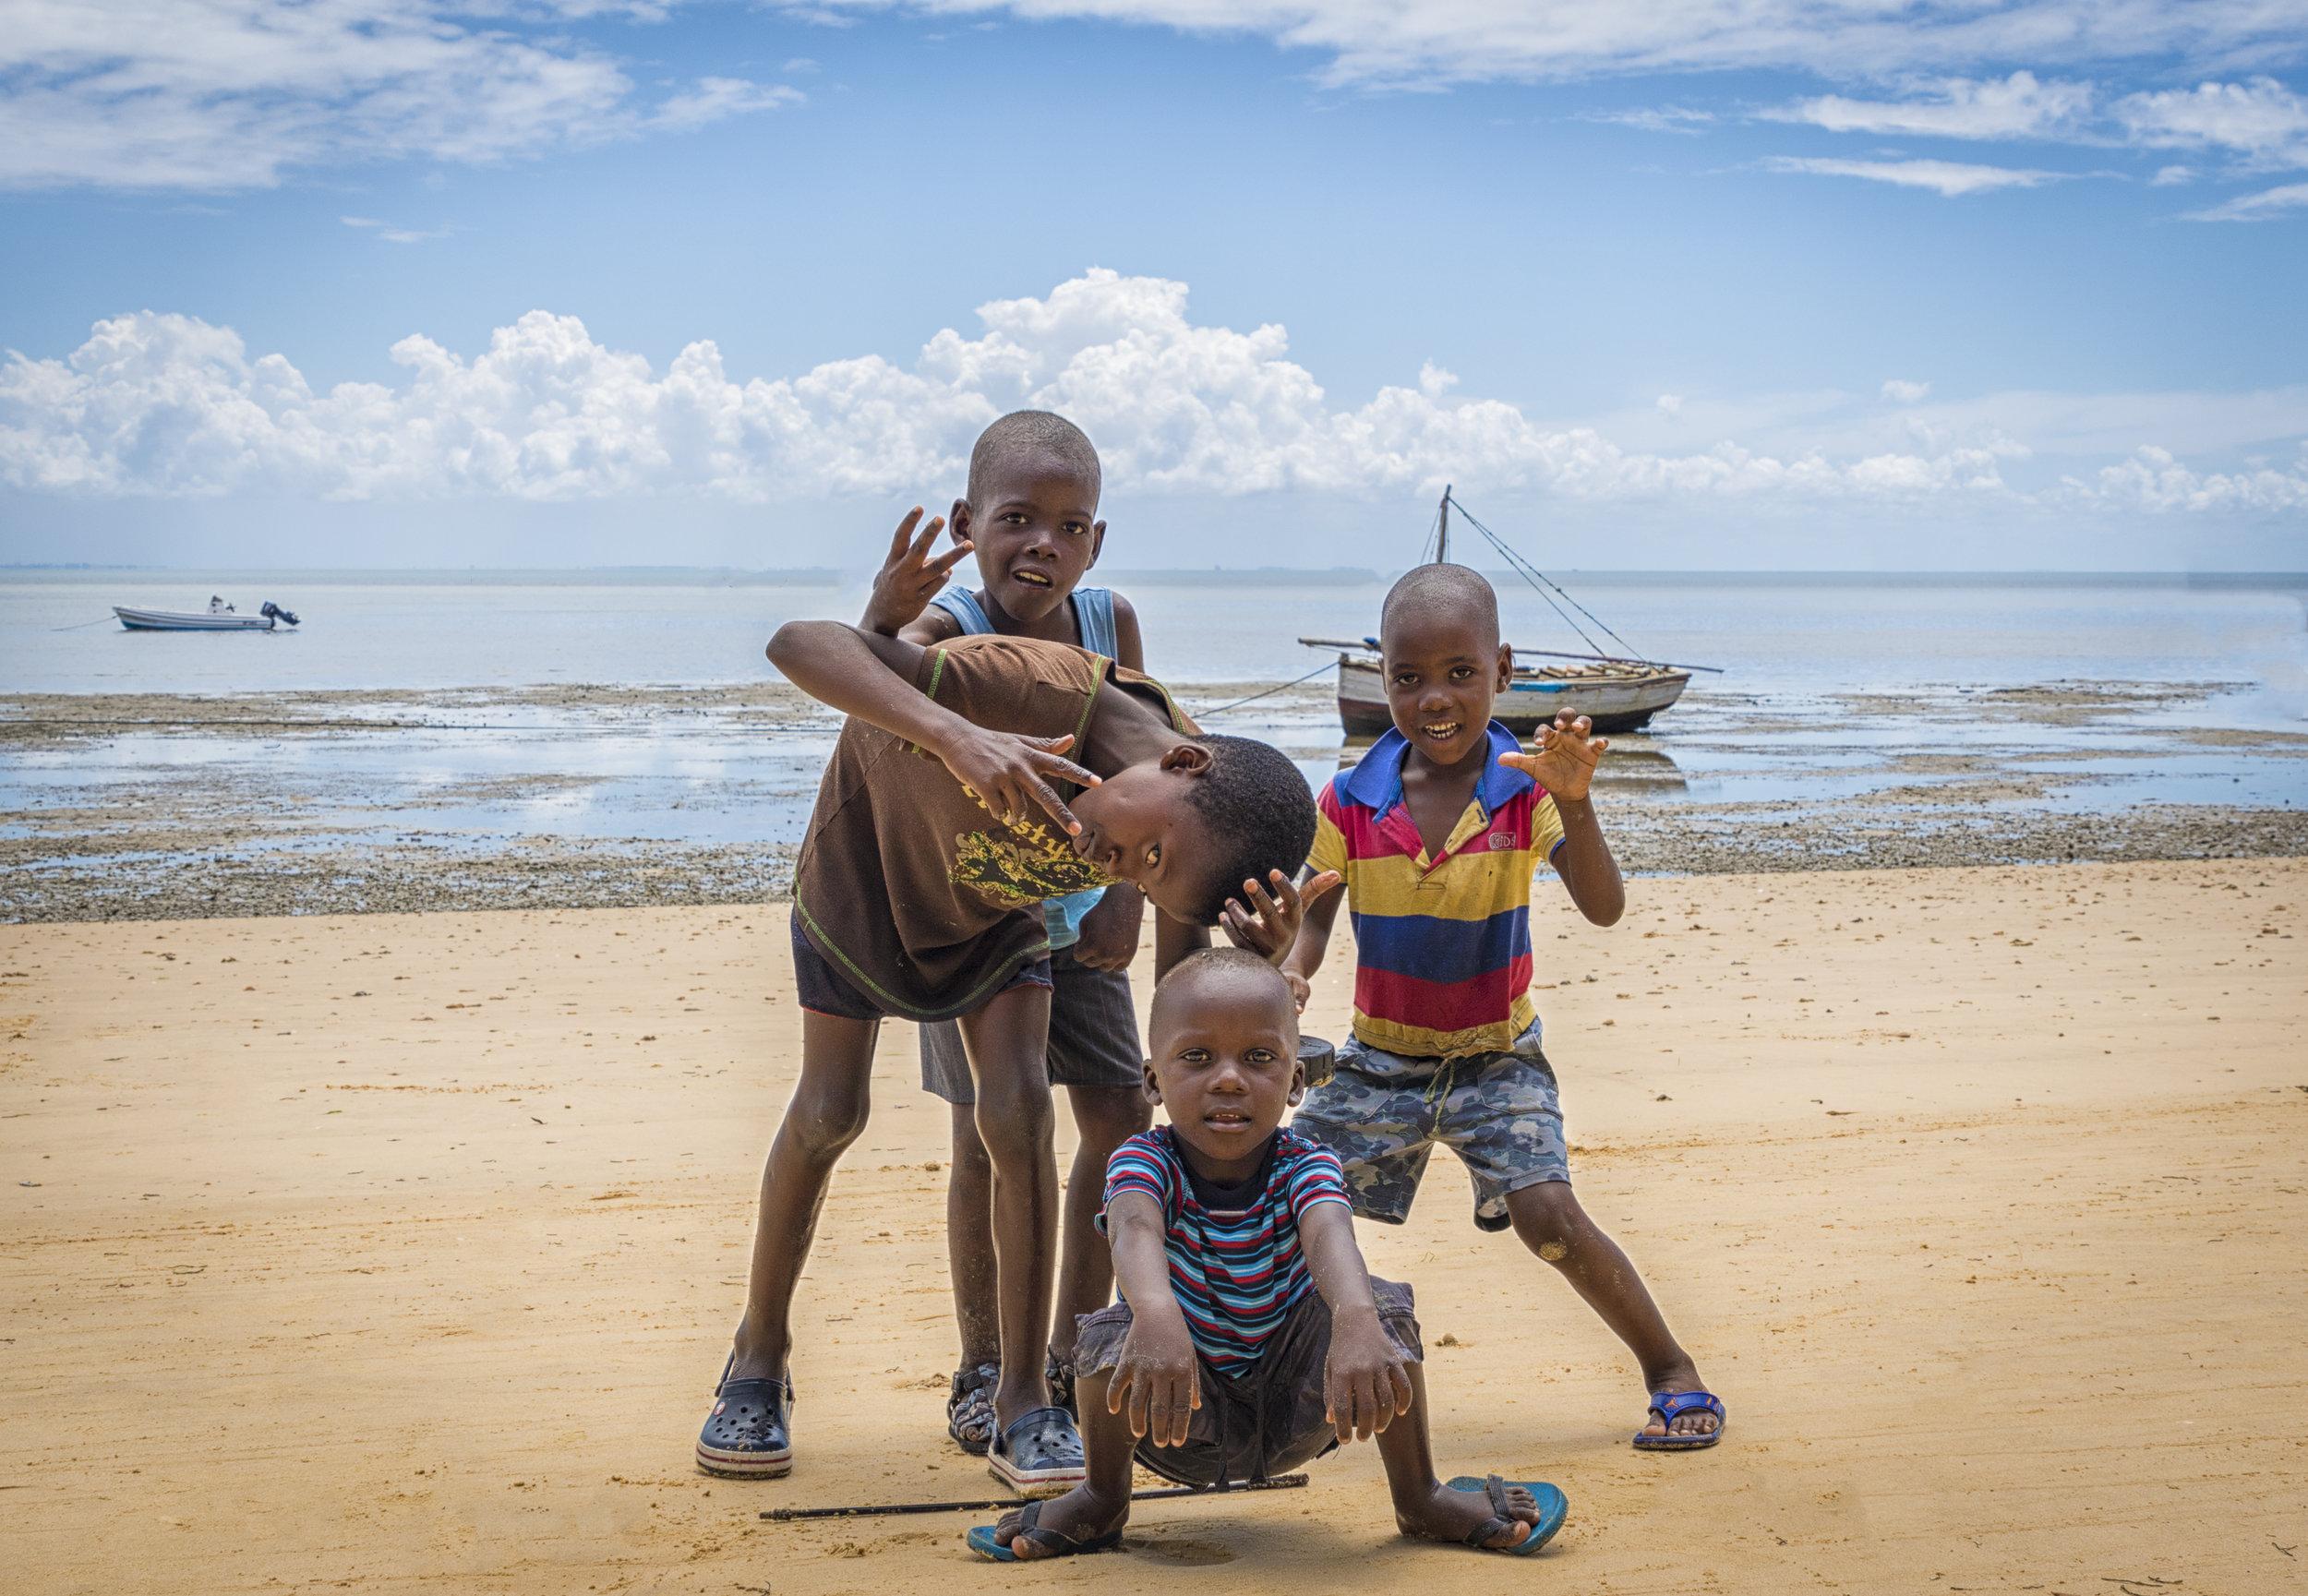 Inhaca, Mozambique